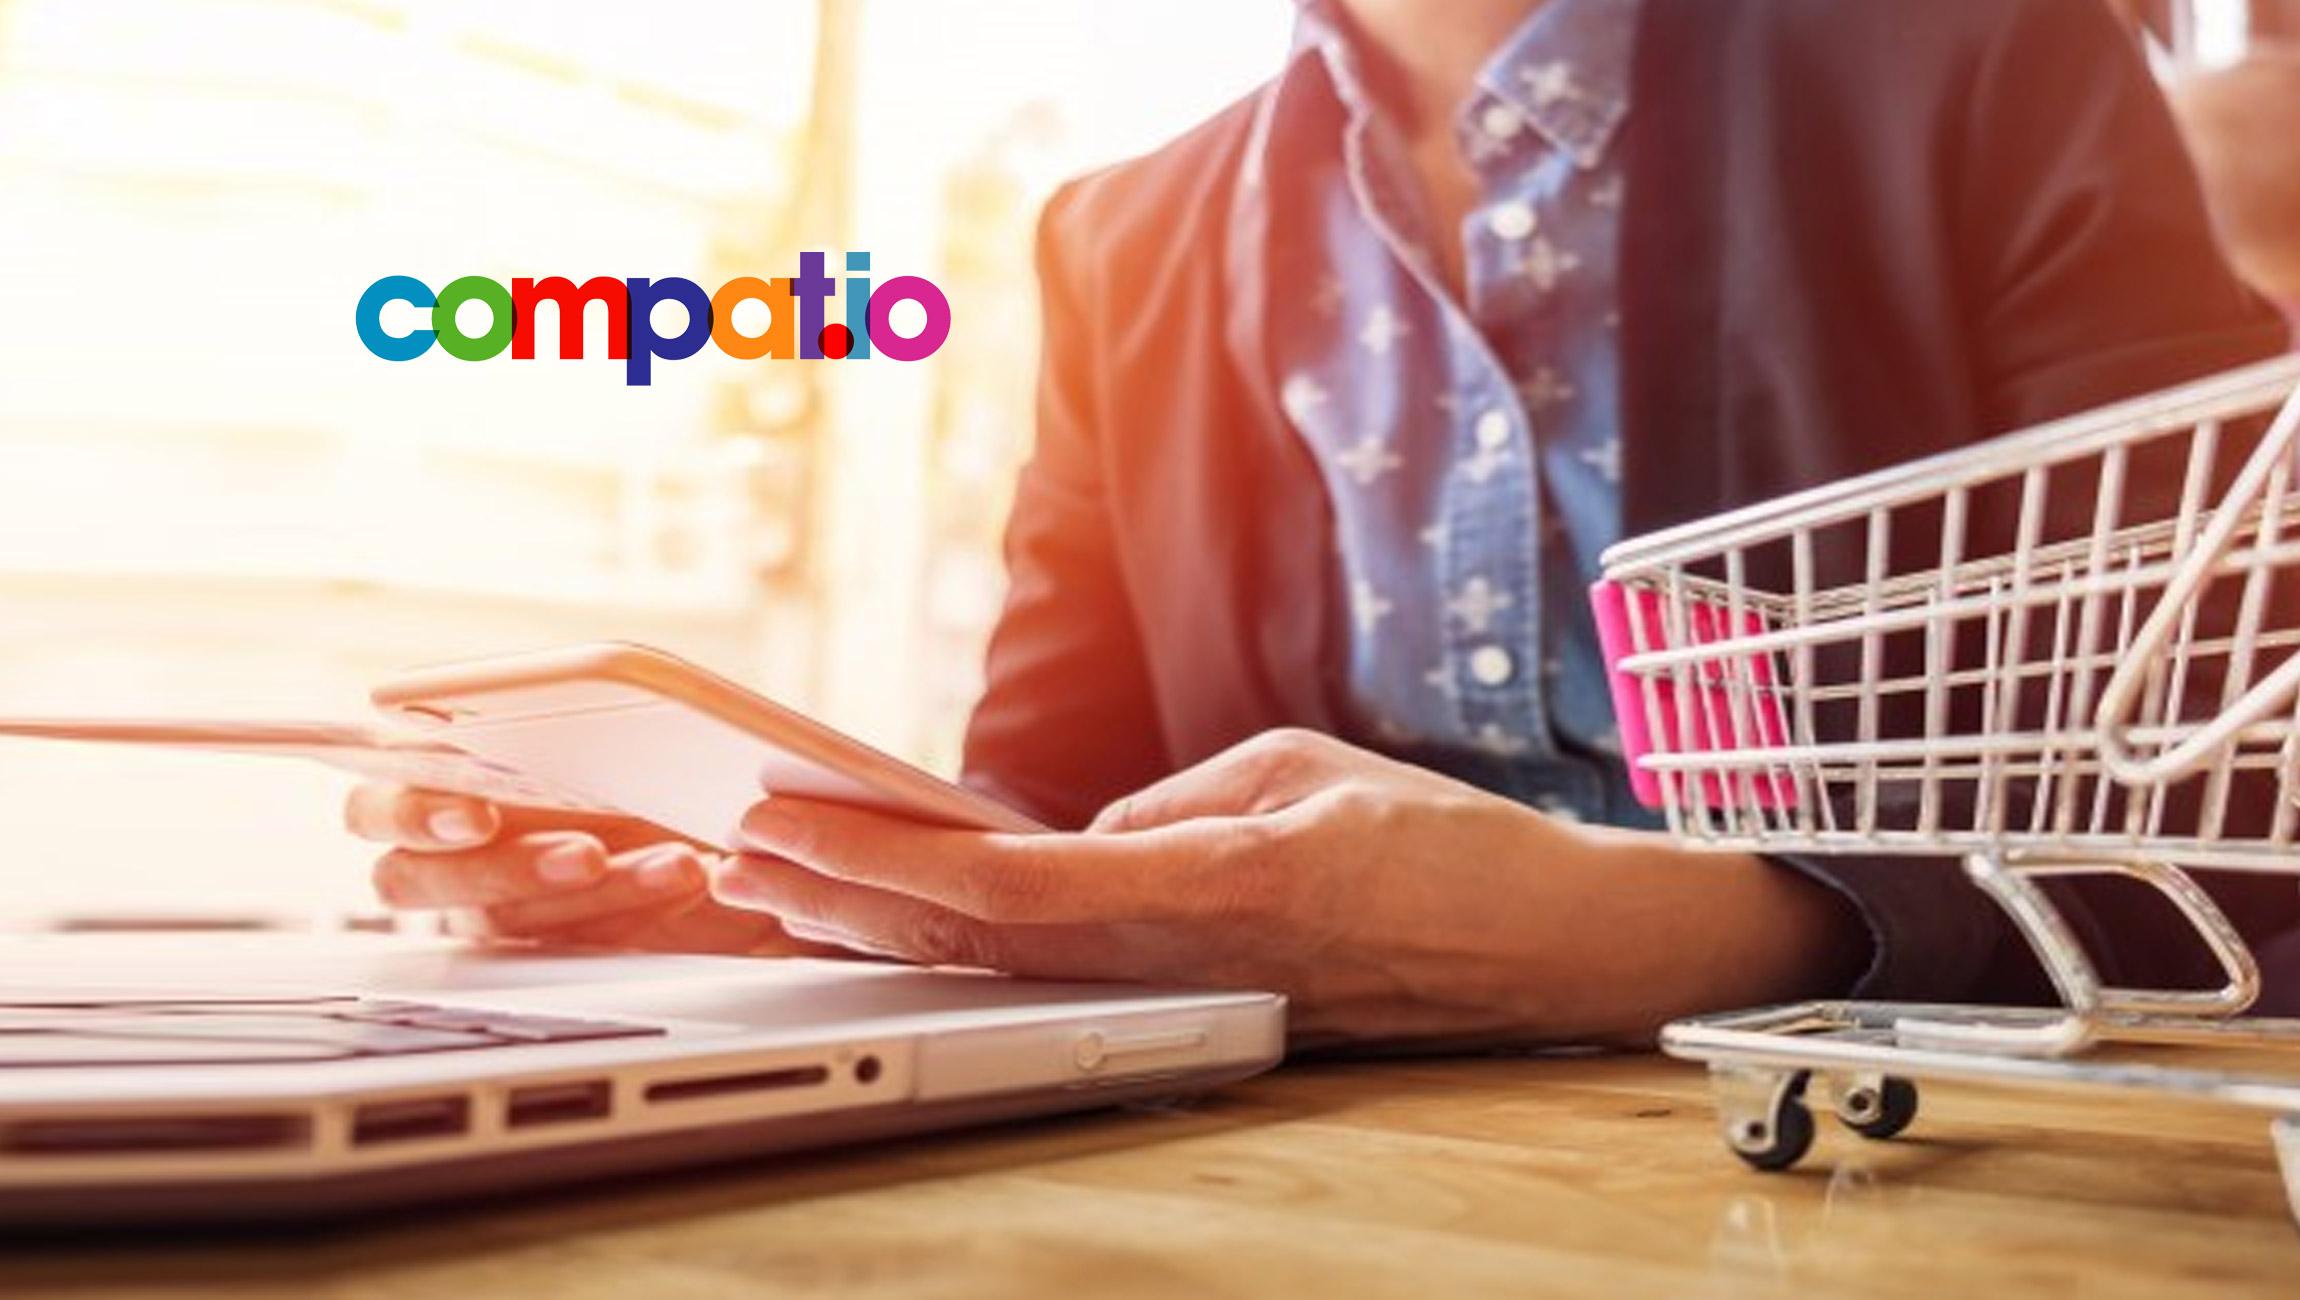 Compatio Launches SmartBuilder eCommerce Solution